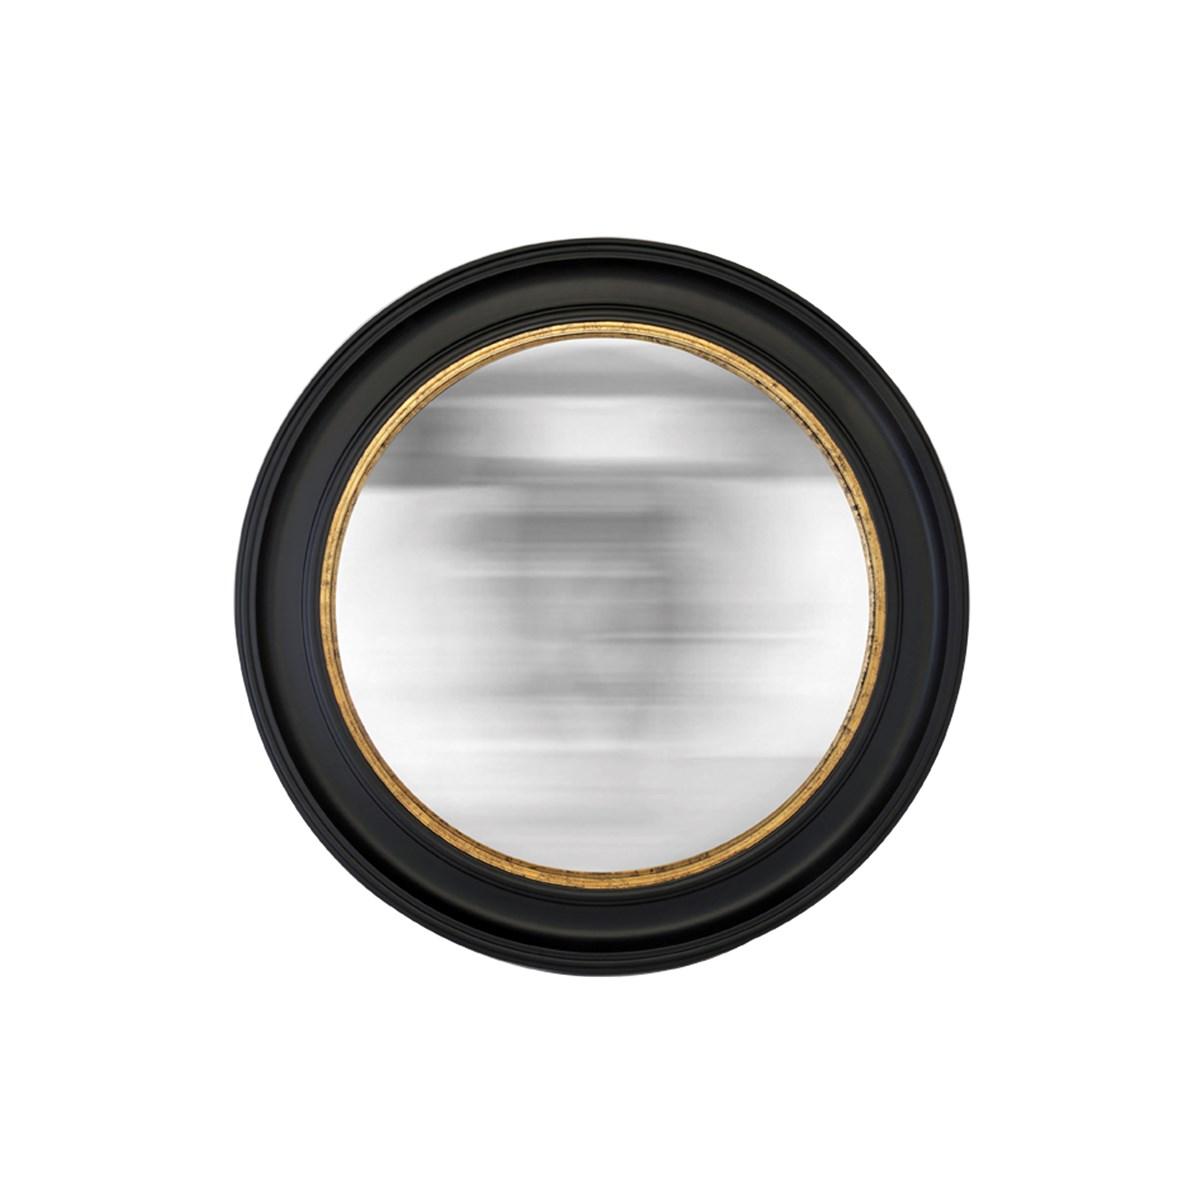 Miroir rond en résine noire convexe D100